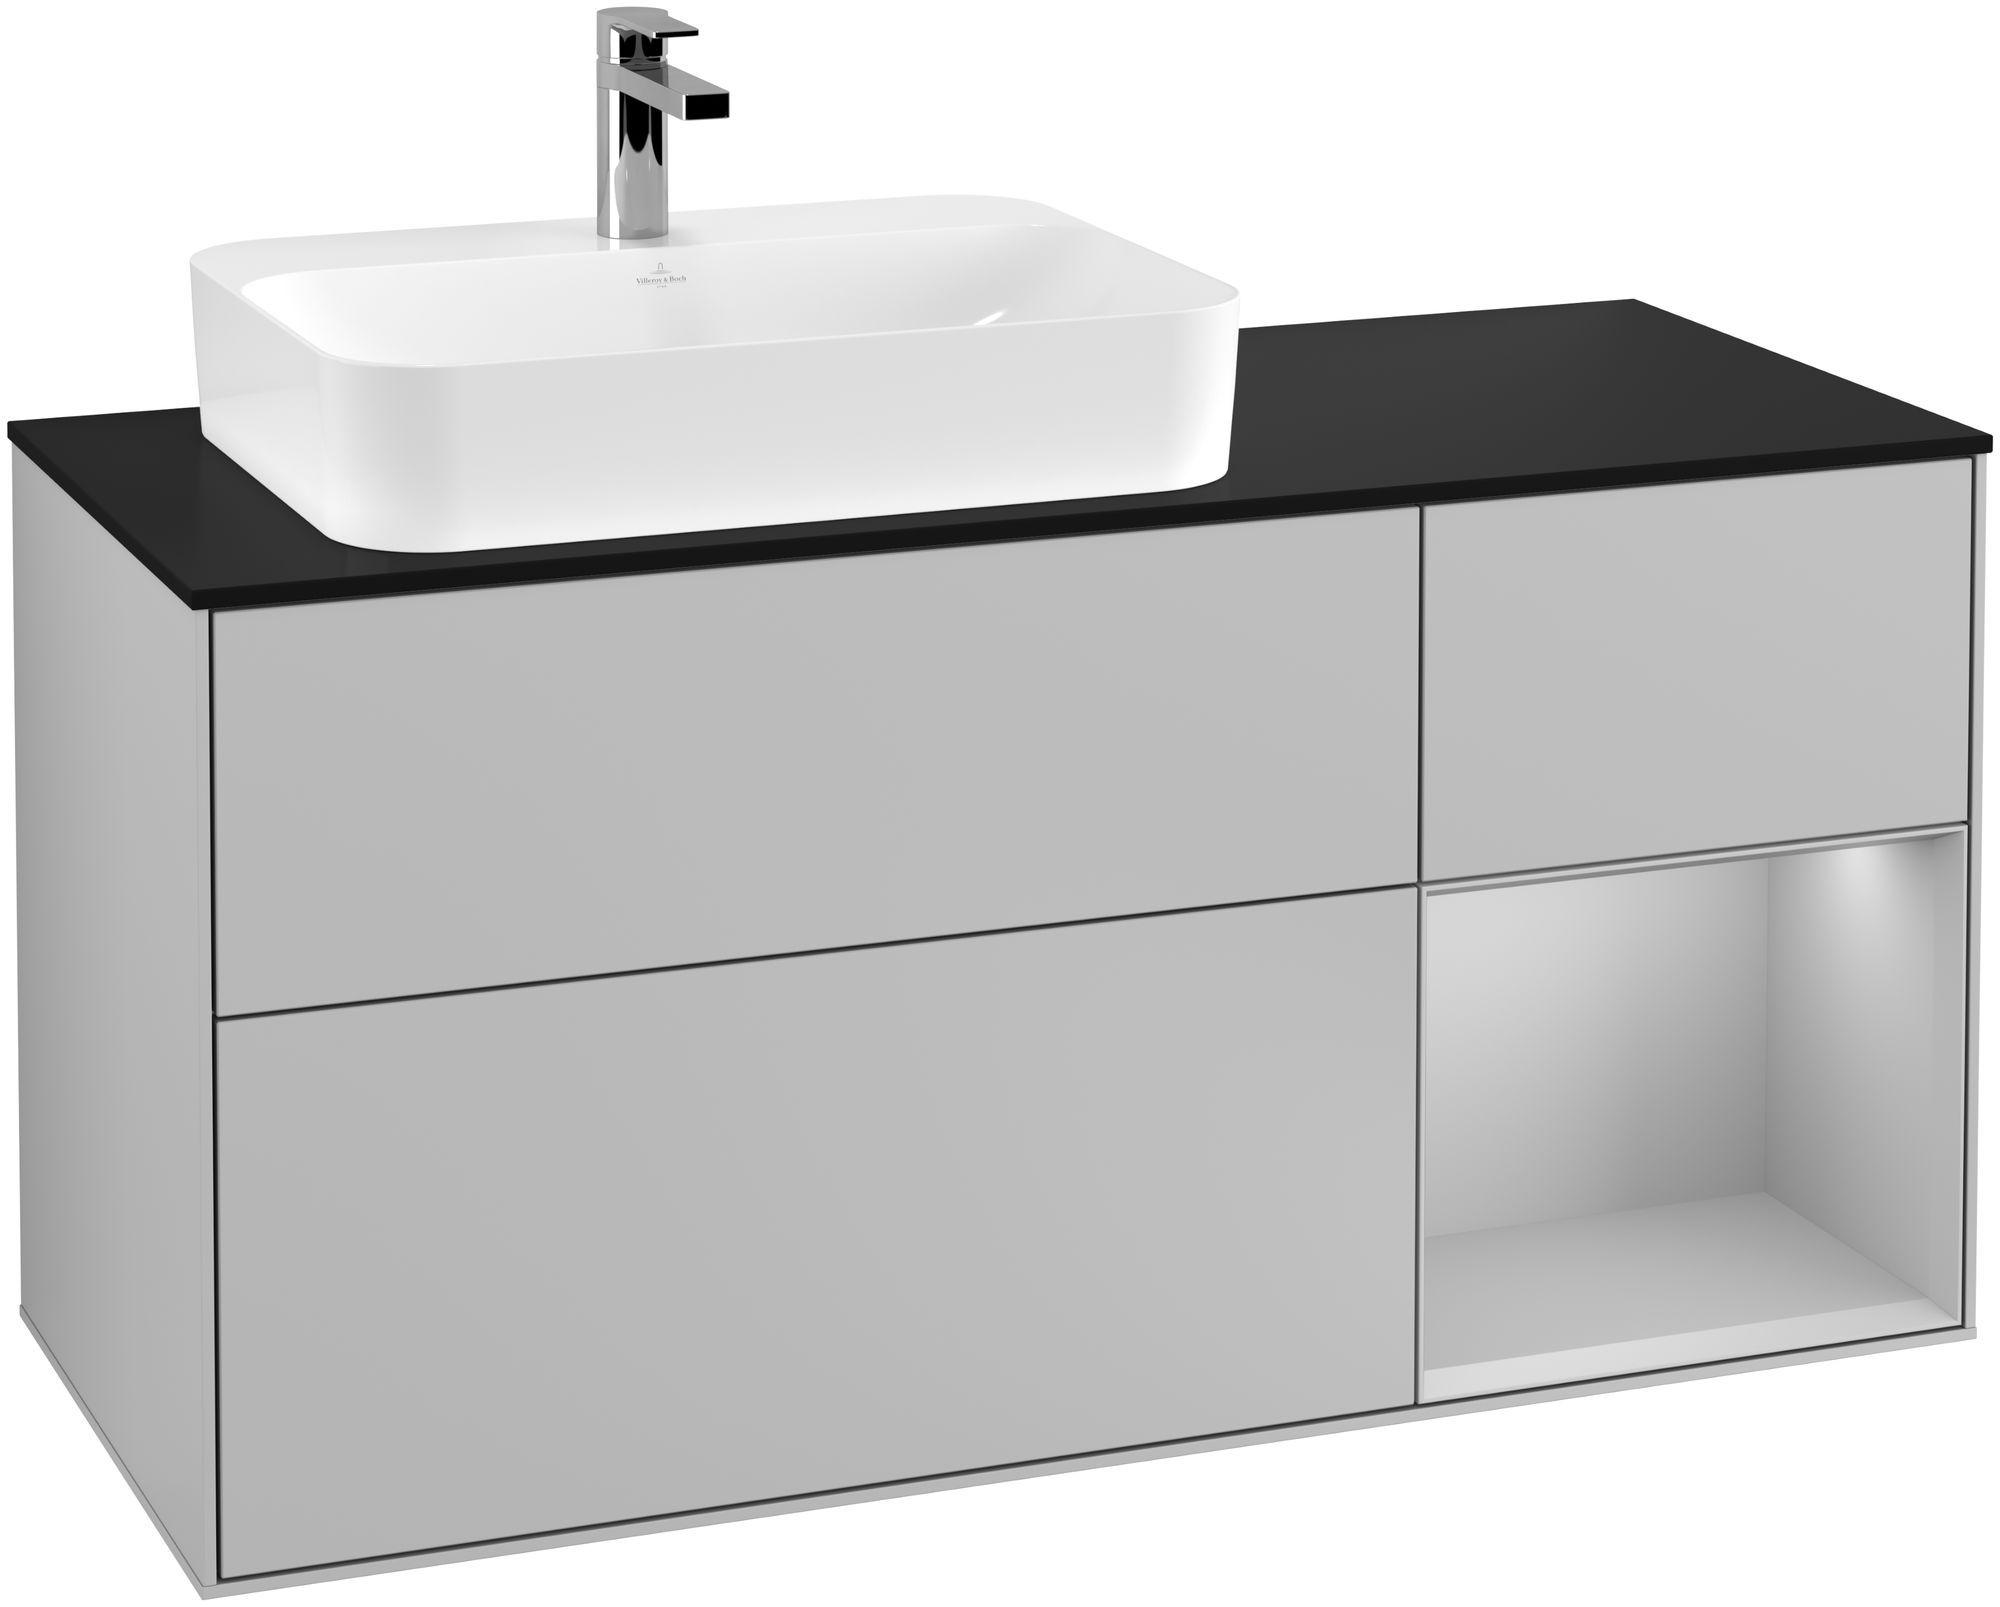 Villeroy & Boch Finion G40 Waschtischunterschrank mit Regalelement 3 Auszüge Waschtisch links LED-Beleuchtung B:120xH:60,3xT:50,1cm Front, Korpus: Light Grey Matt, Glasplatte: Black Matt G402GJGJ